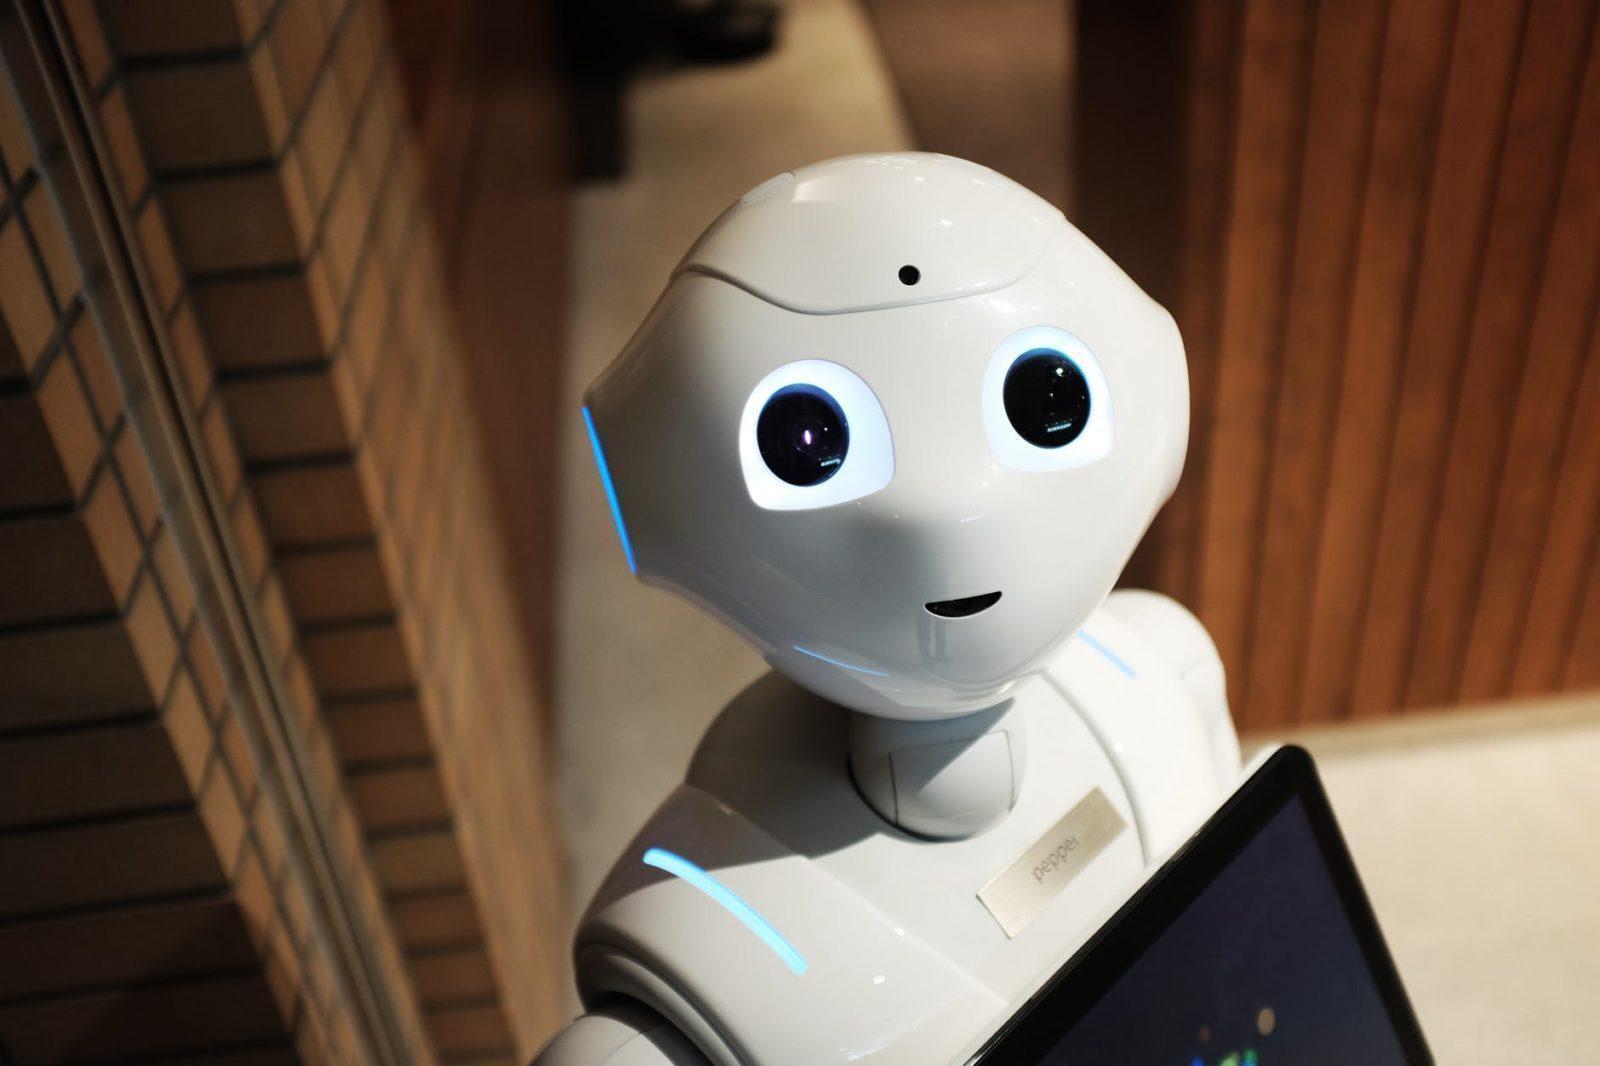 Mobile robots and autonomous vehicles